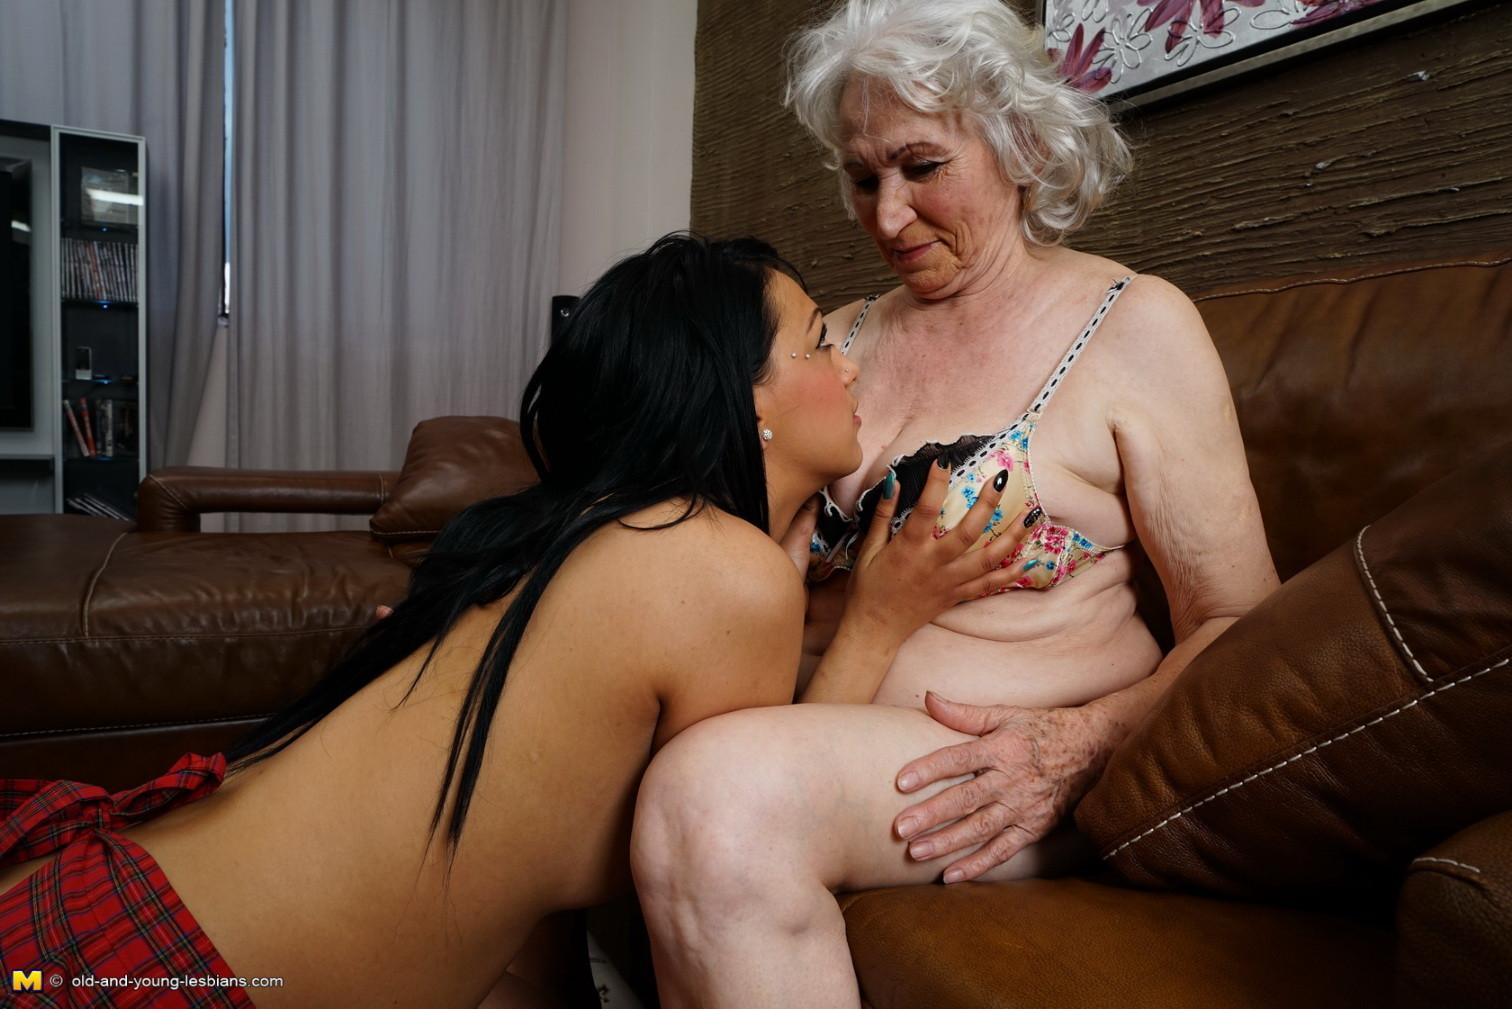 seks-s-pozhilim-lyubovnikom